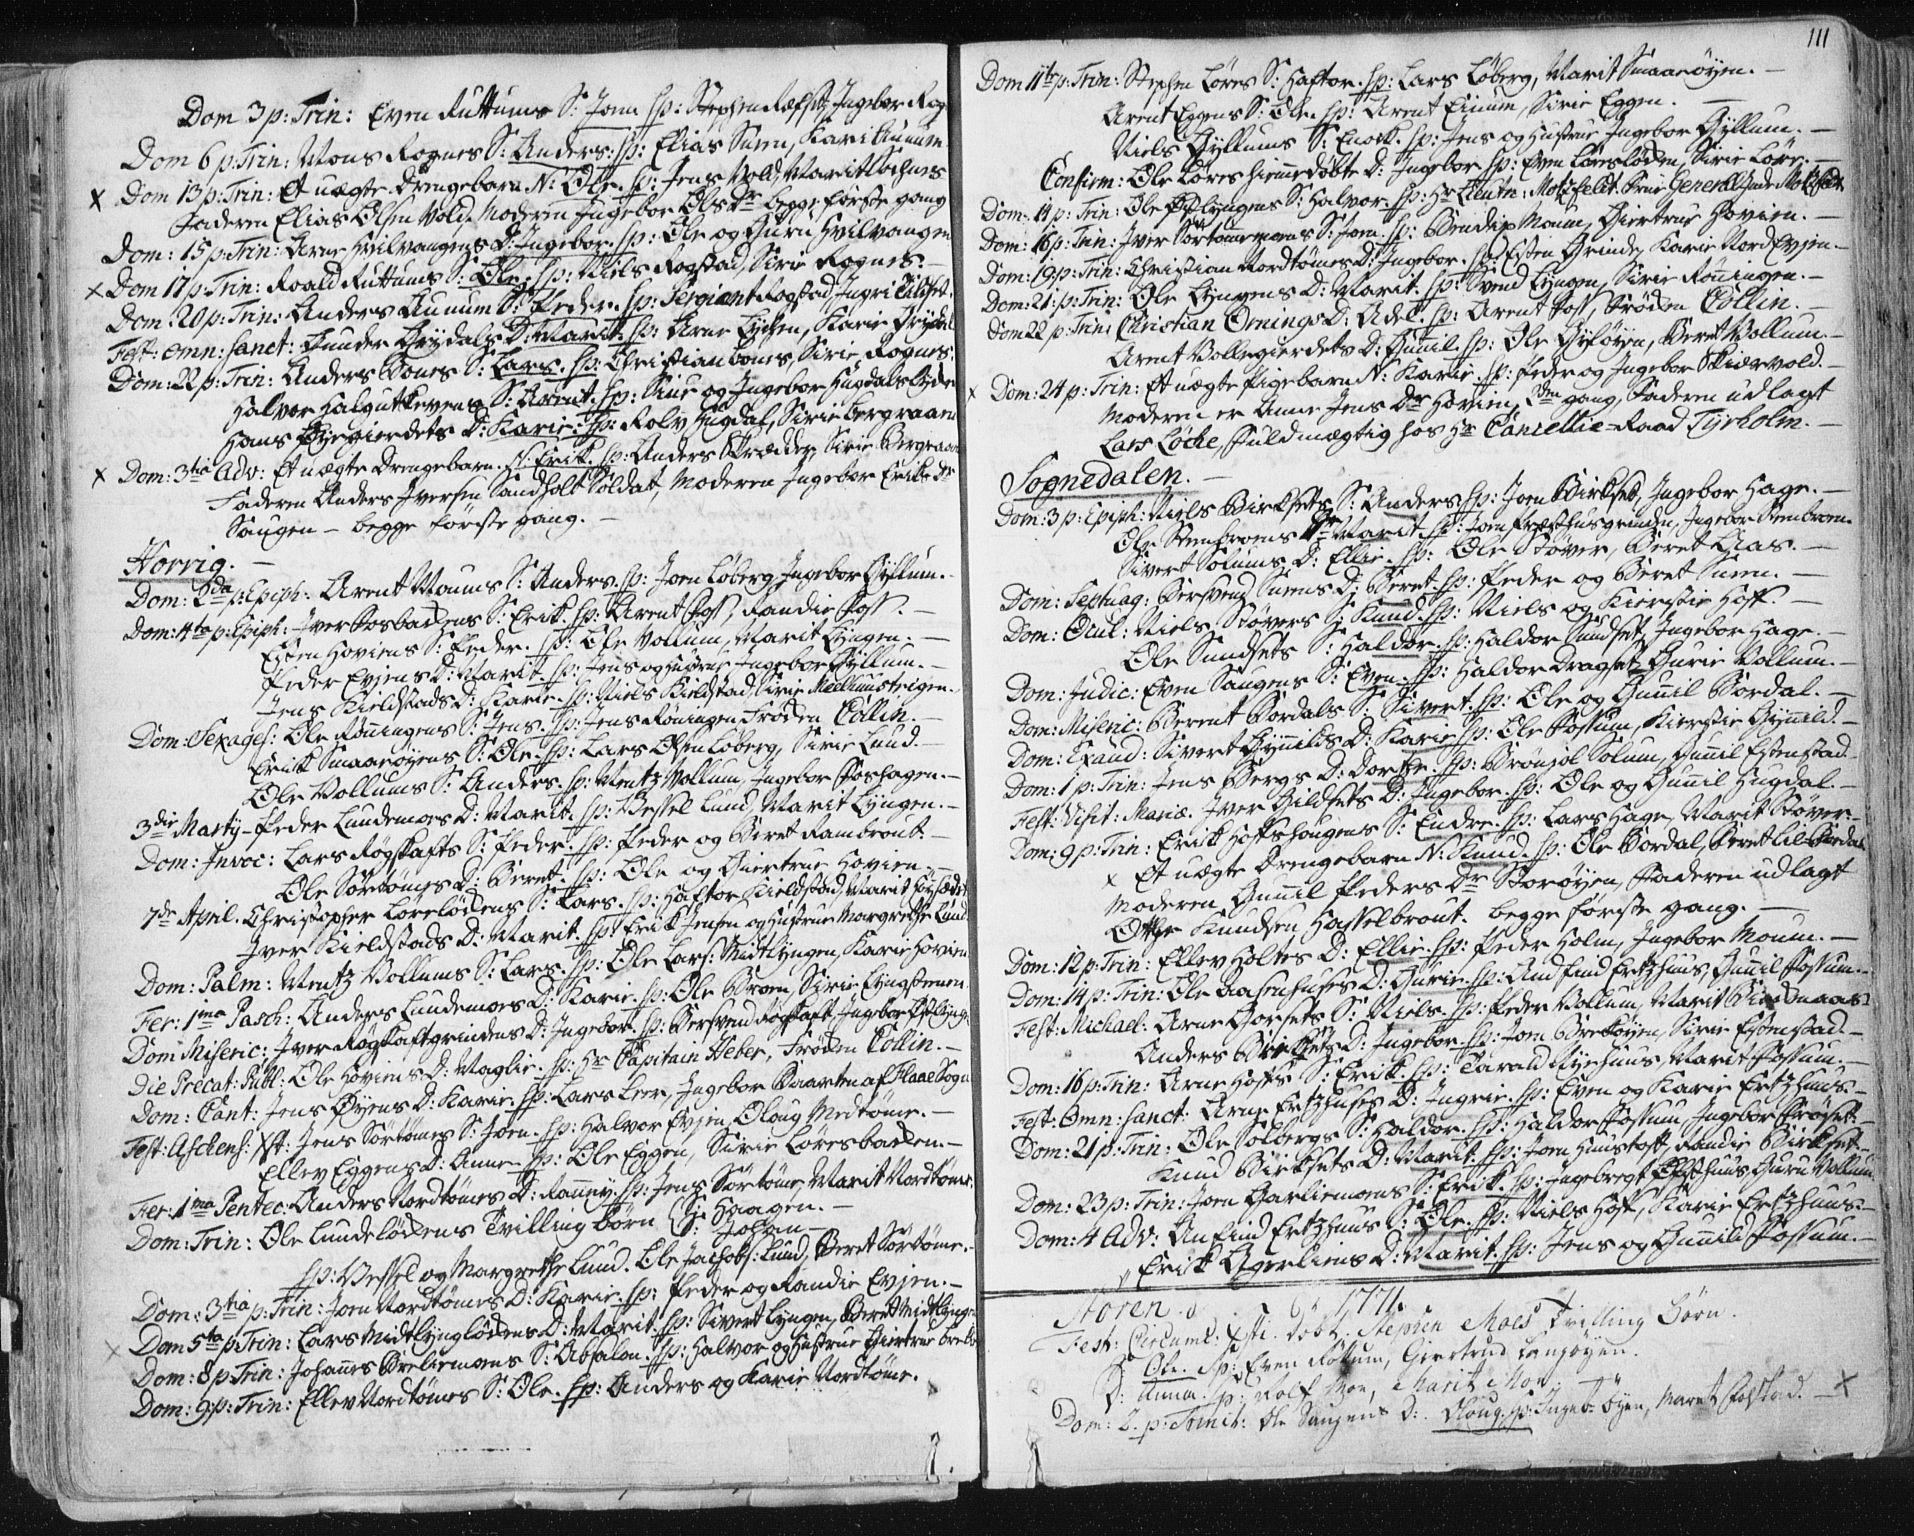 SAT, Ministerialprotokoller, klokkerbøker og fødselsregistre - Sør-Trøndelag, 687/L0991: Ministerialbok nr. 687A02, 1747-1790, s. 111